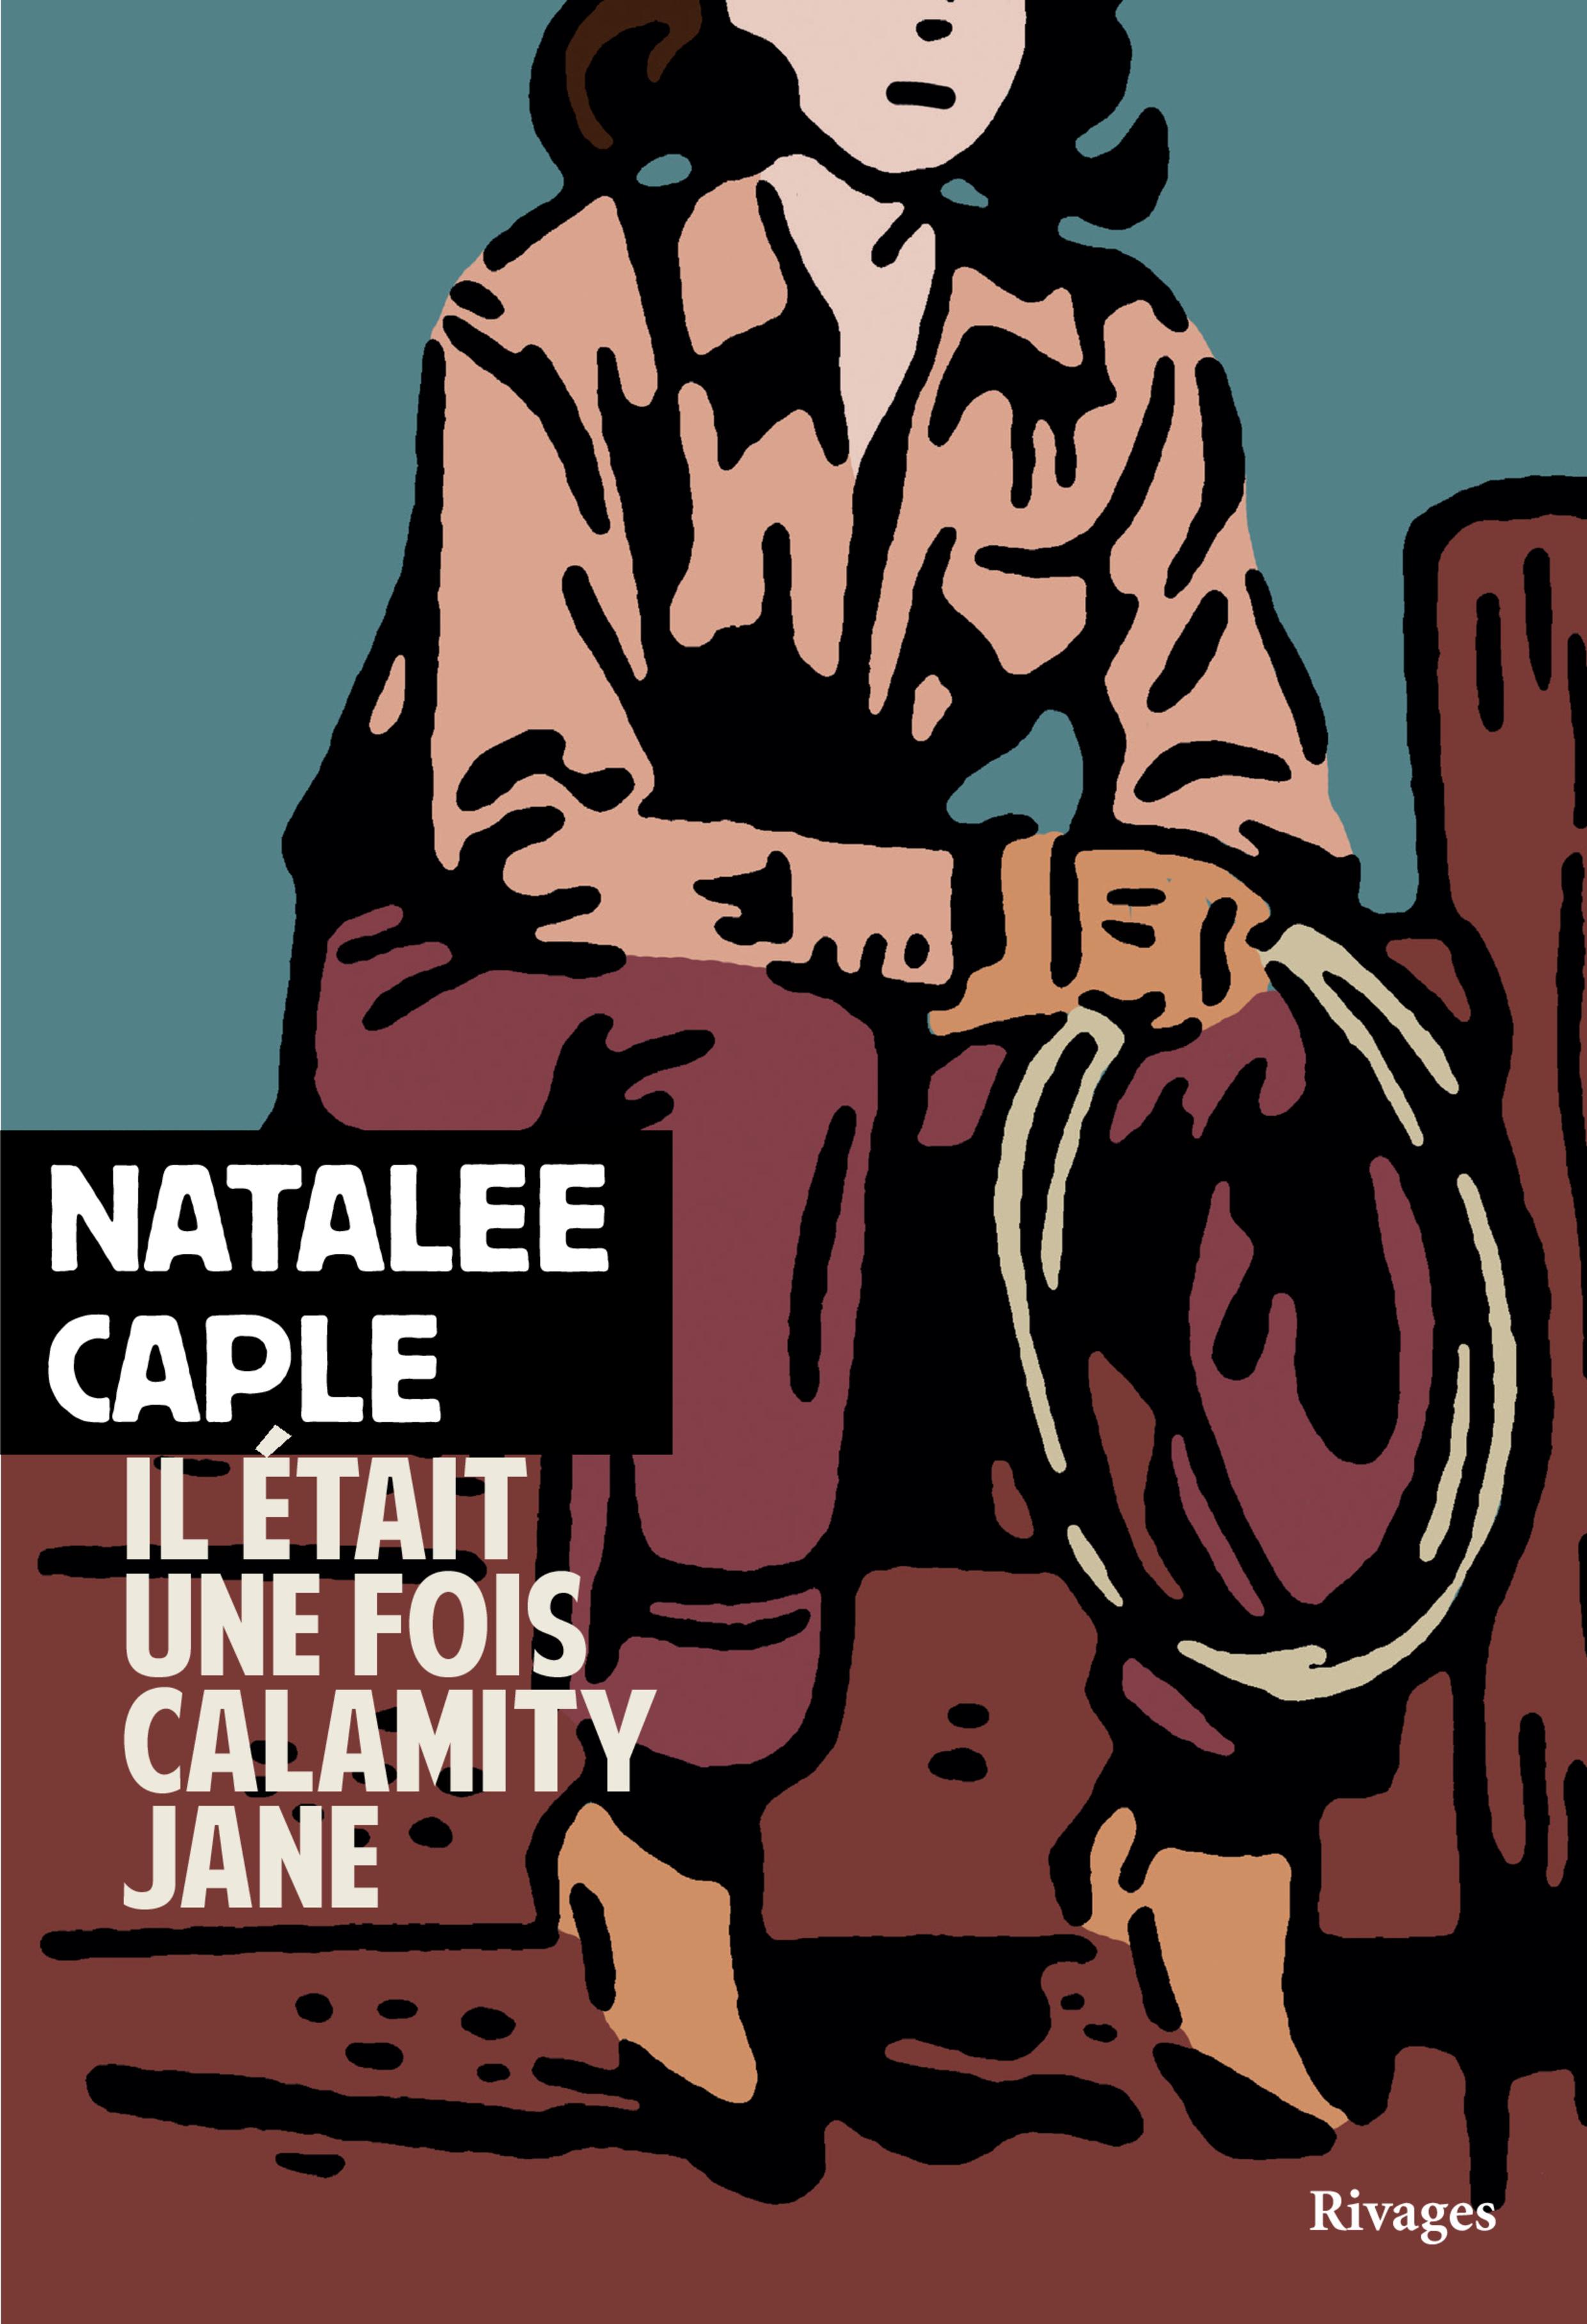 Il était une fois Calamity Jane |